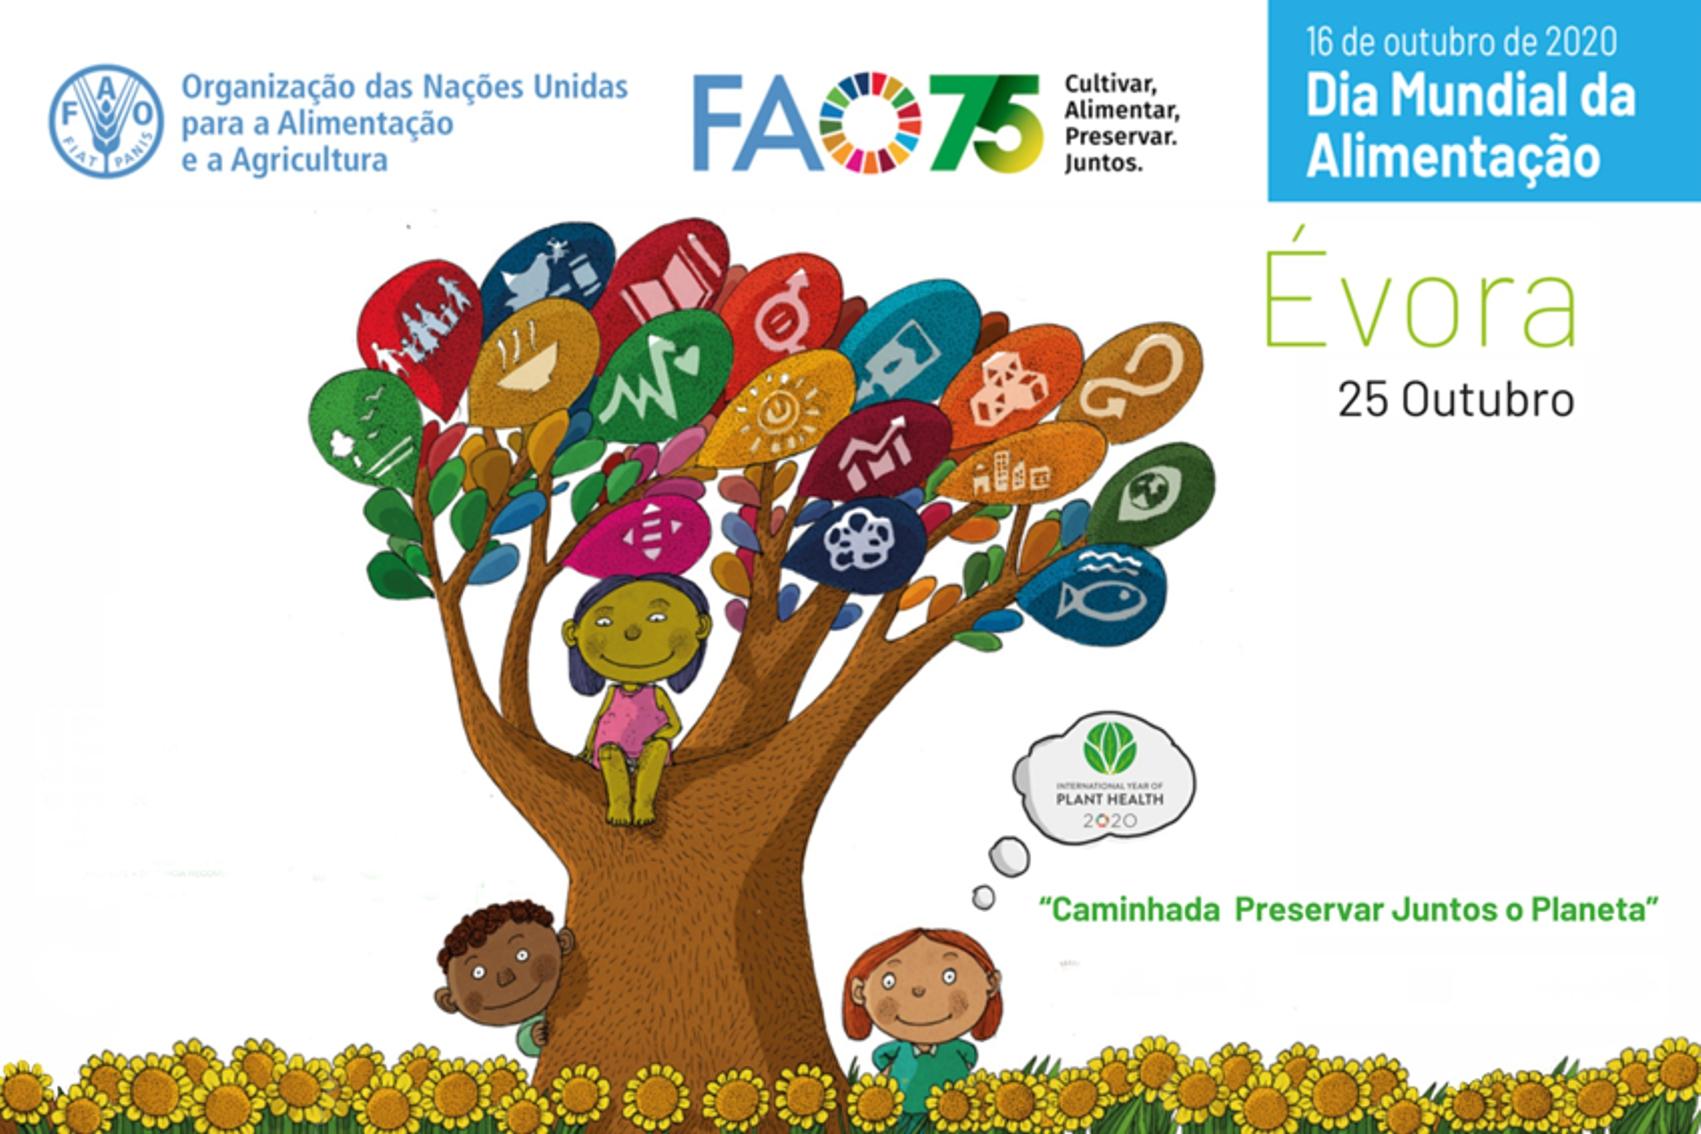 Imagem com árvore e ODS como ramos com crianças à espreita - cartaz da caminhada